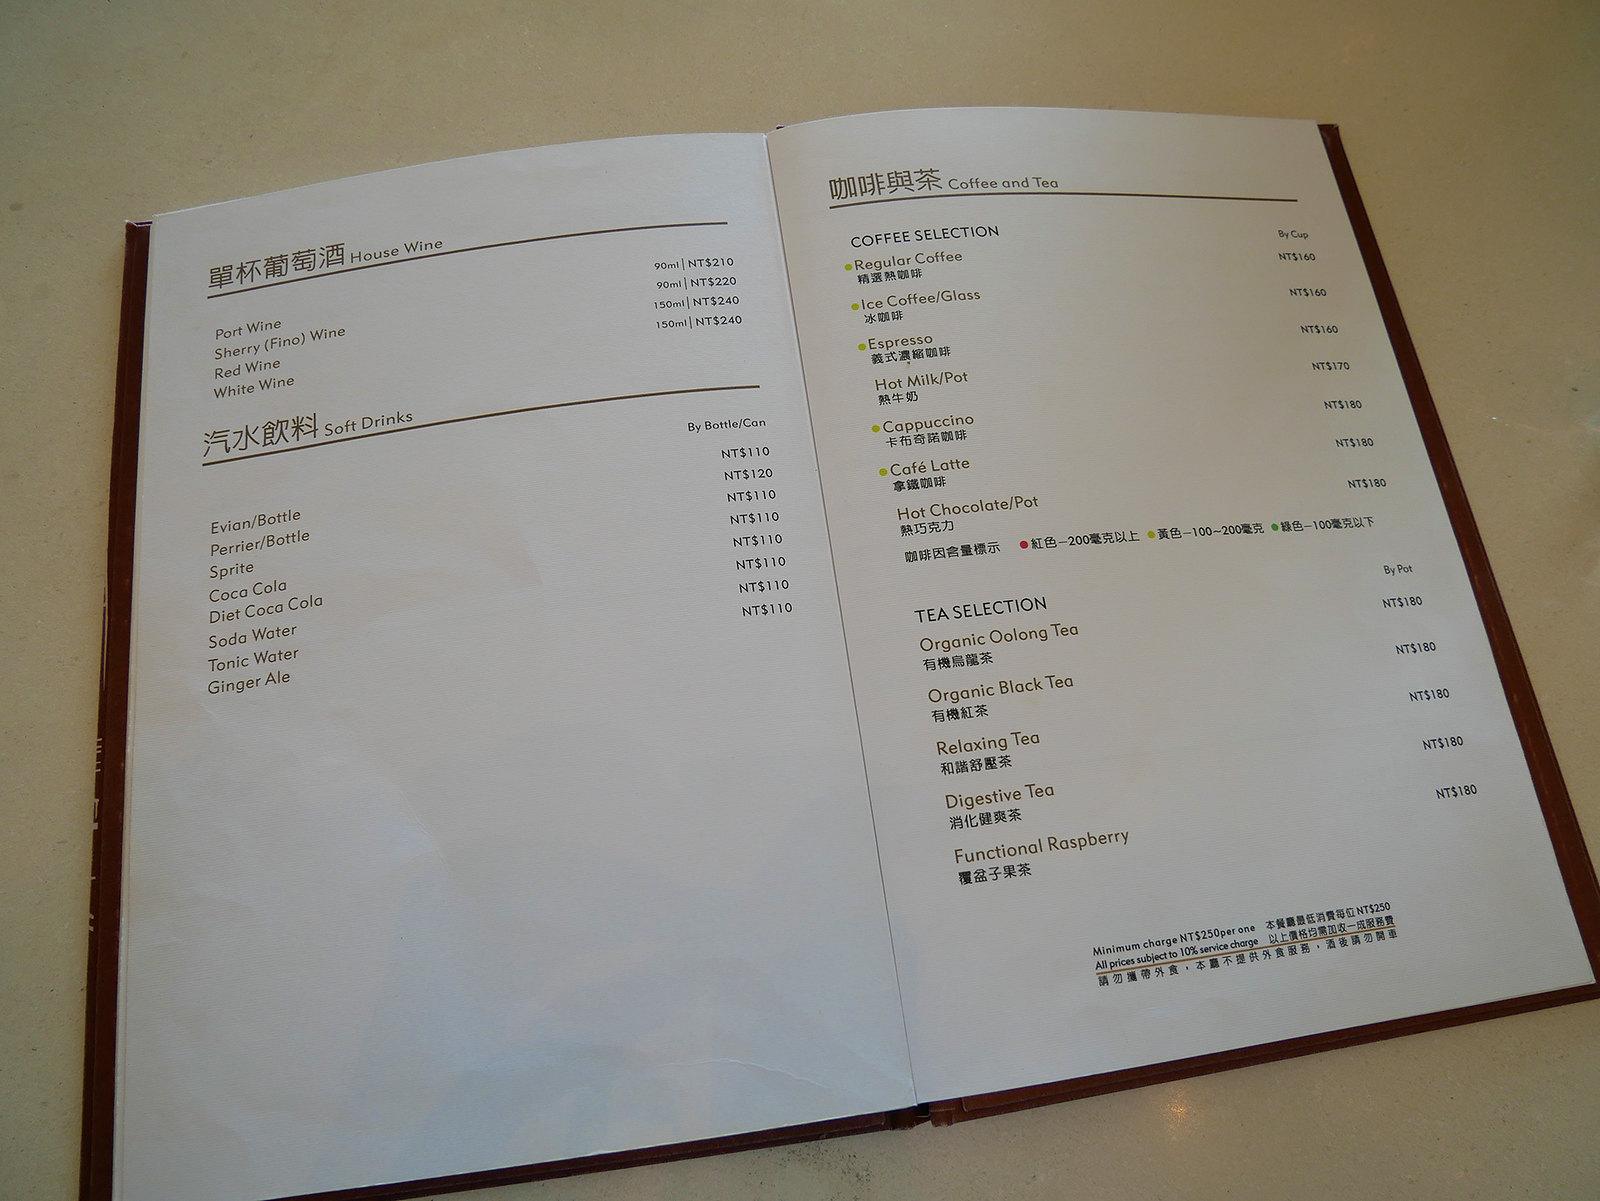 礁溪老爺酒店 醴泉大廳酒吧